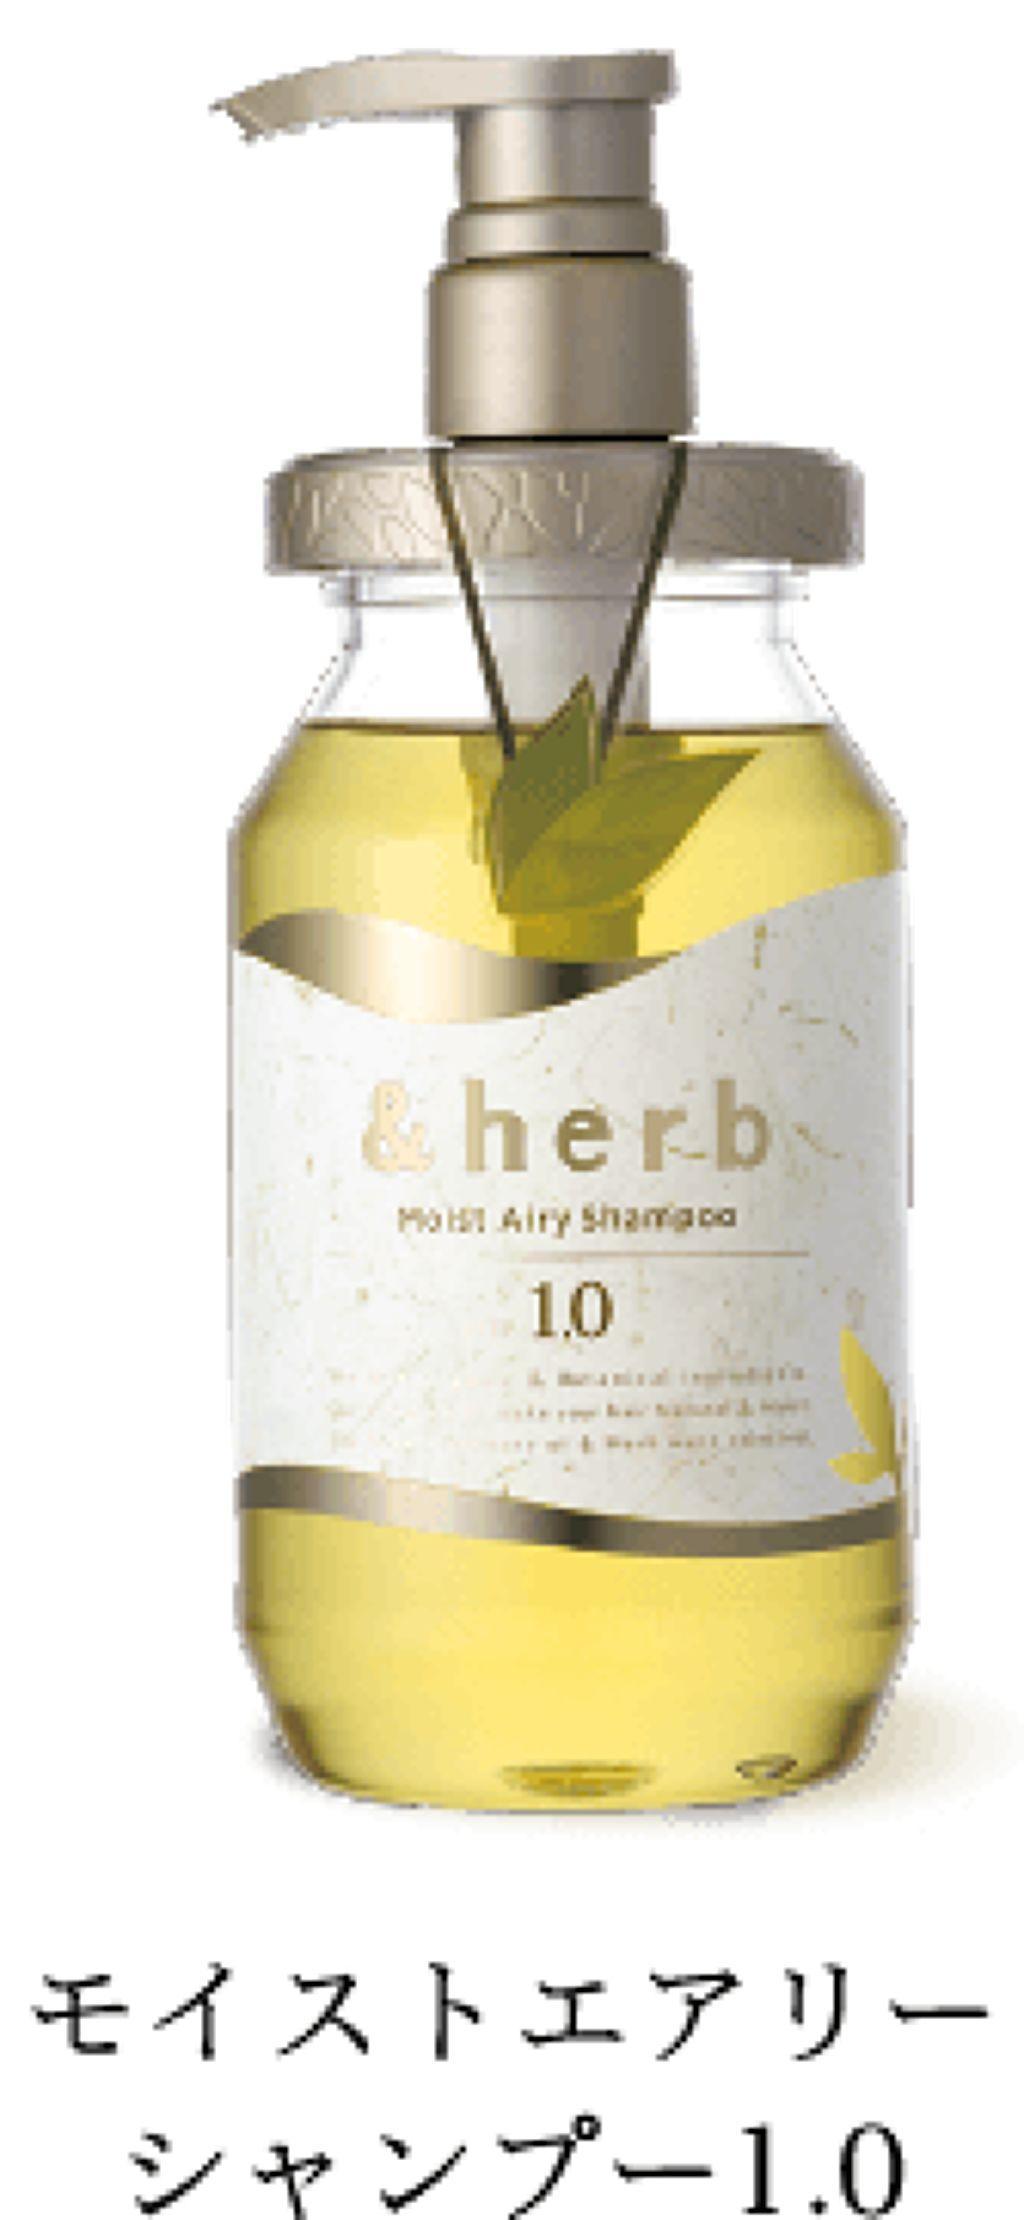 モイストエアリーシャンプー1.0 &herb